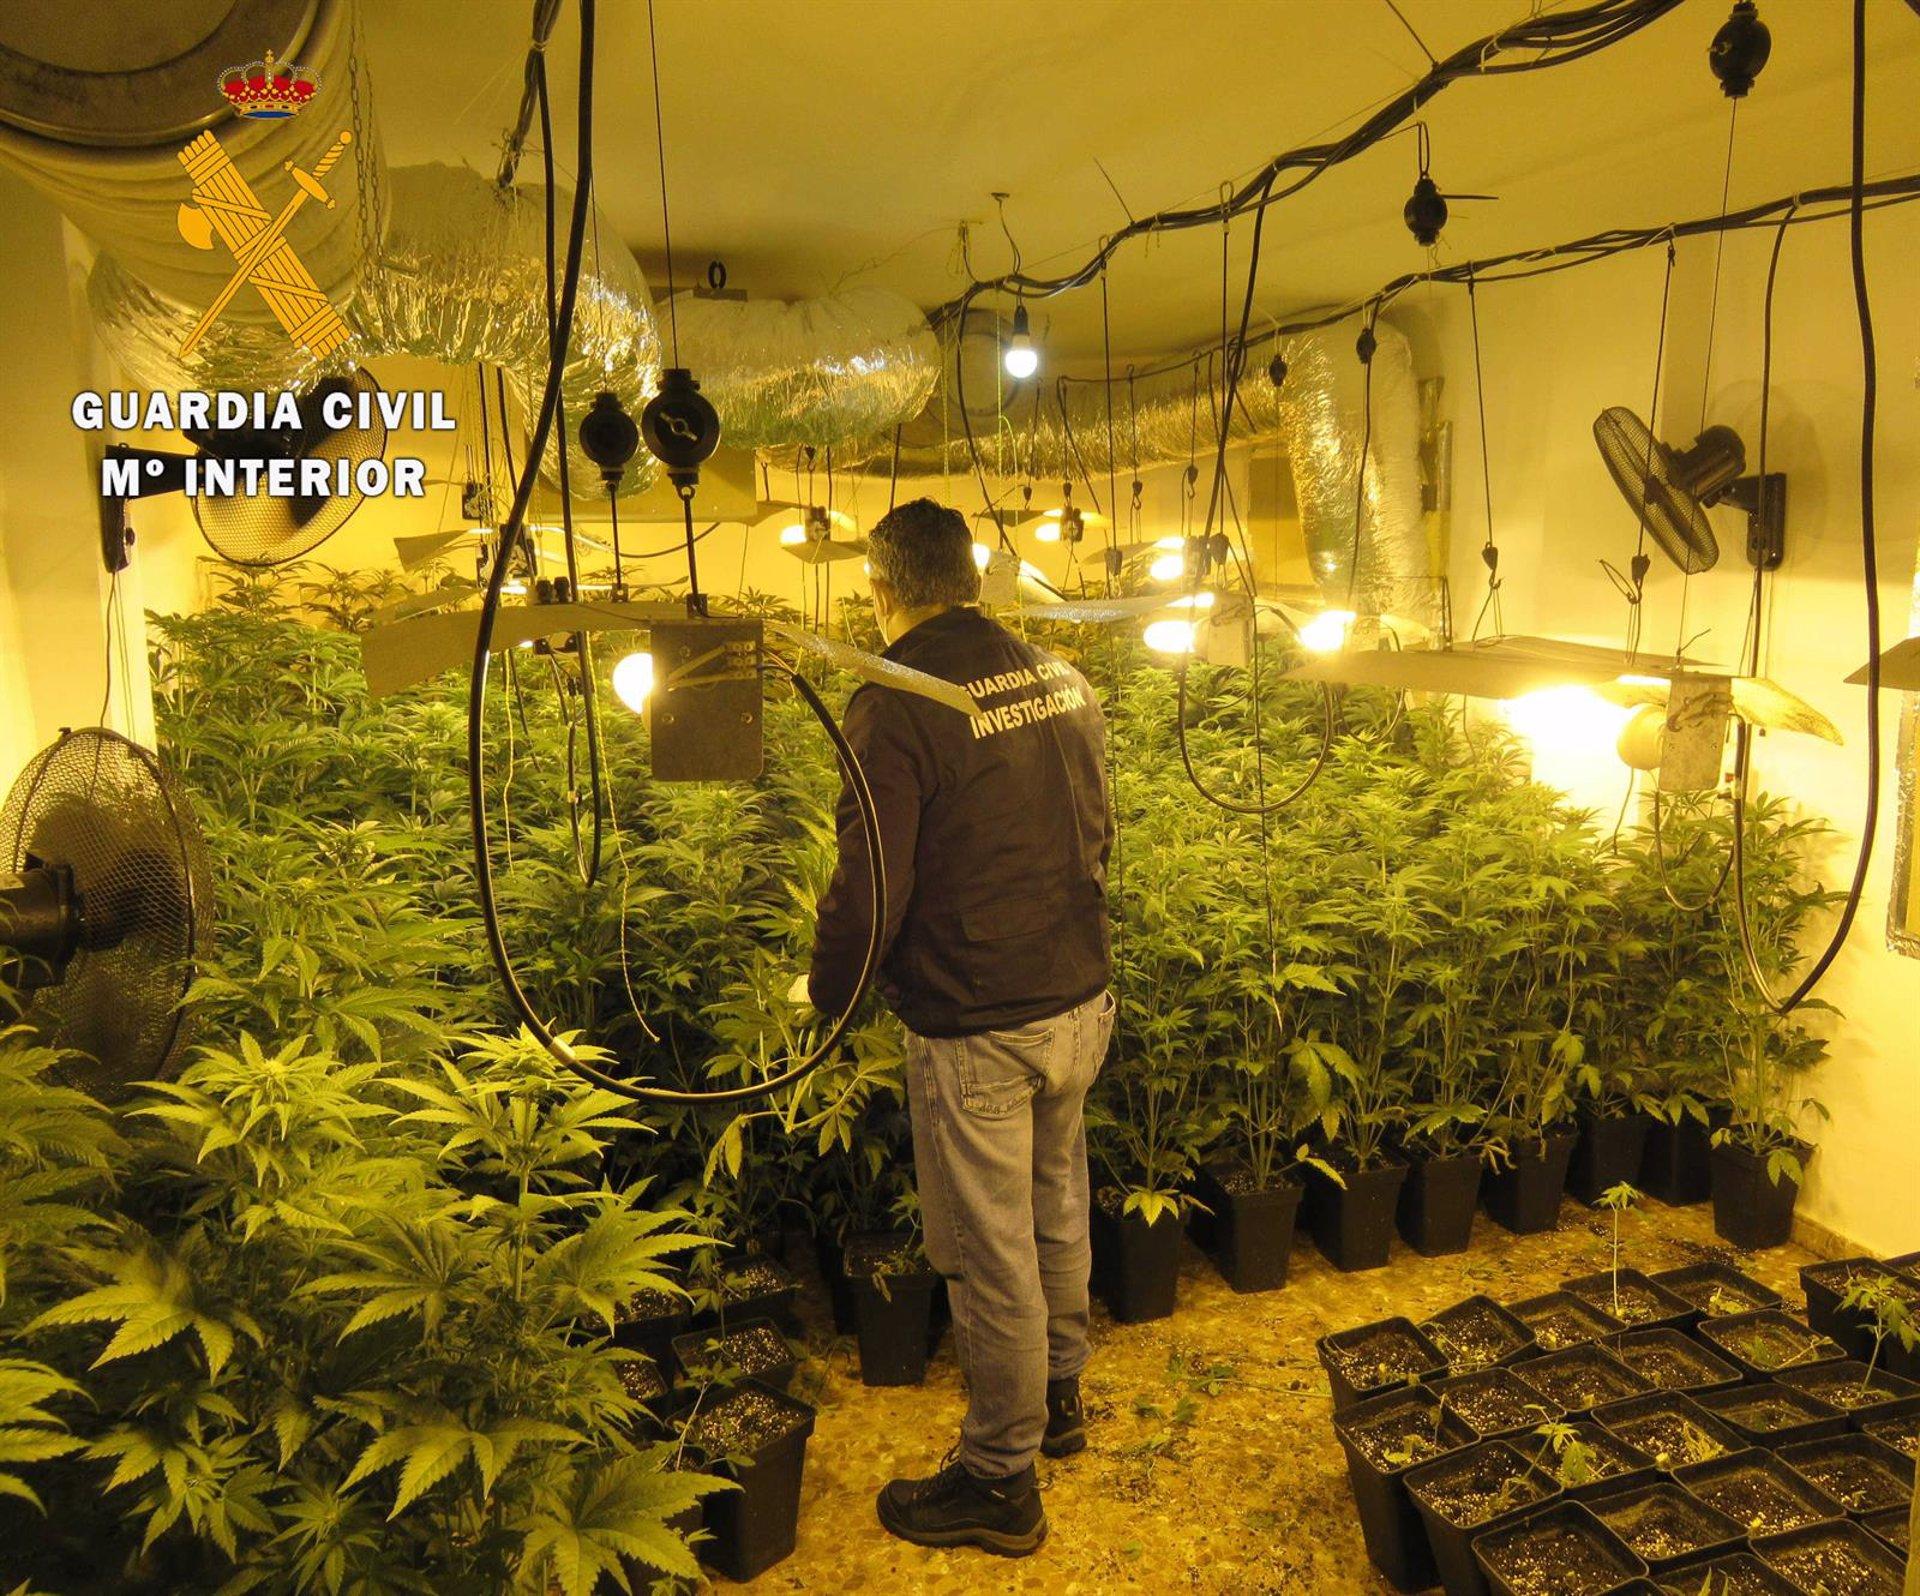 La Guardia Civil desarticula cuatro centros de producción de marihuana